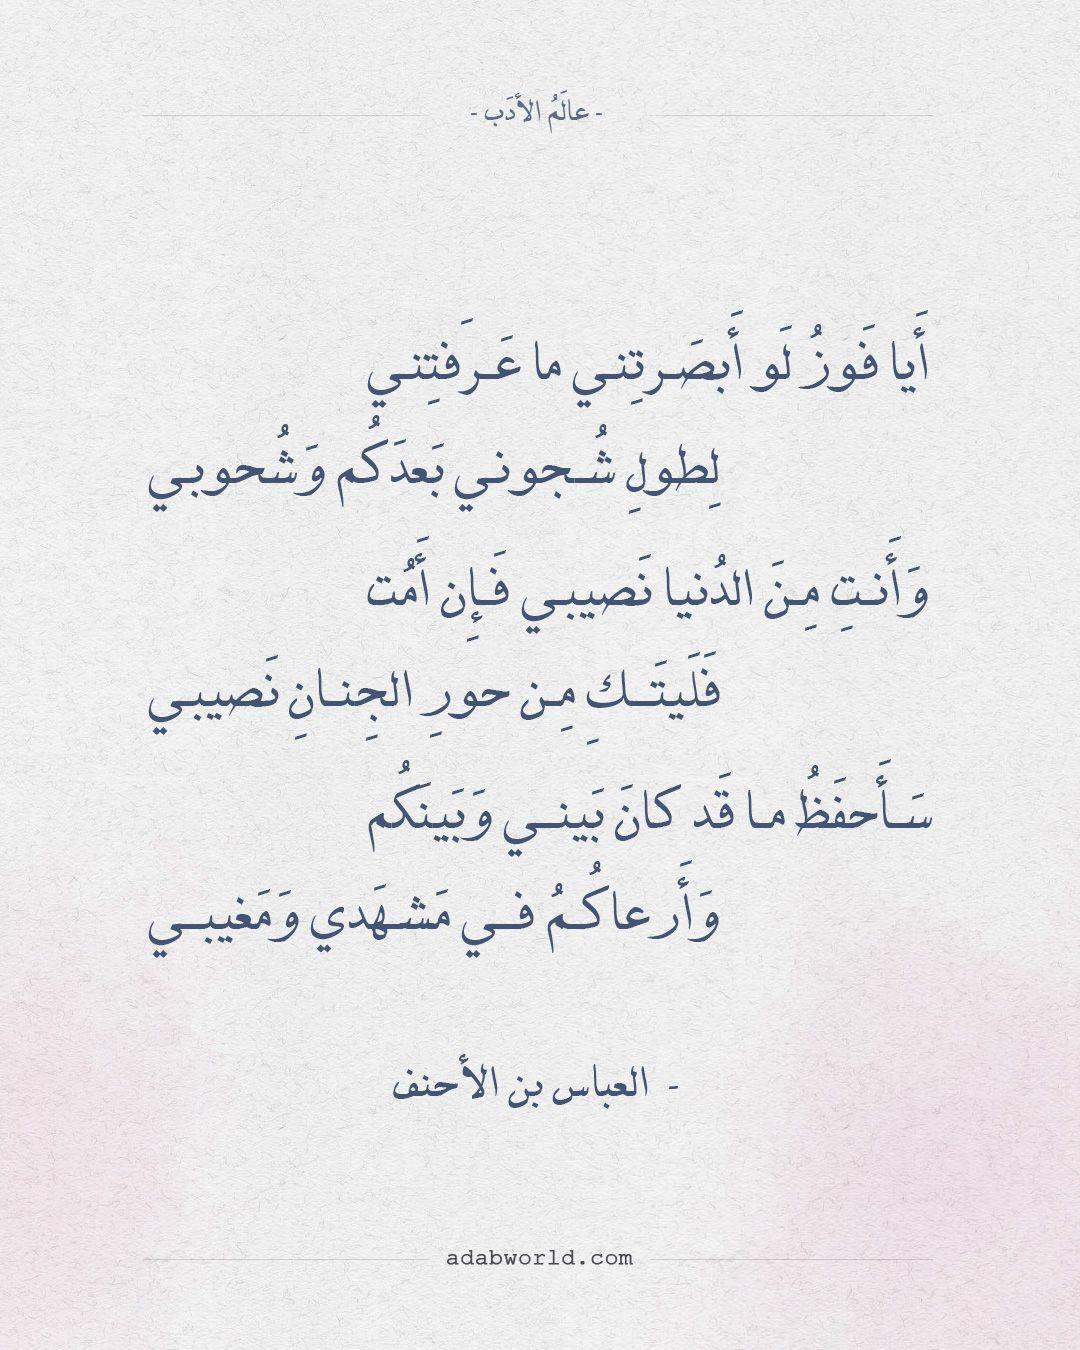 شعر العباس بن الأحنف أيا فوز لو أبصرتني ما عرفتني عالم الأدب Math Arabic Calligraphy Math Equations